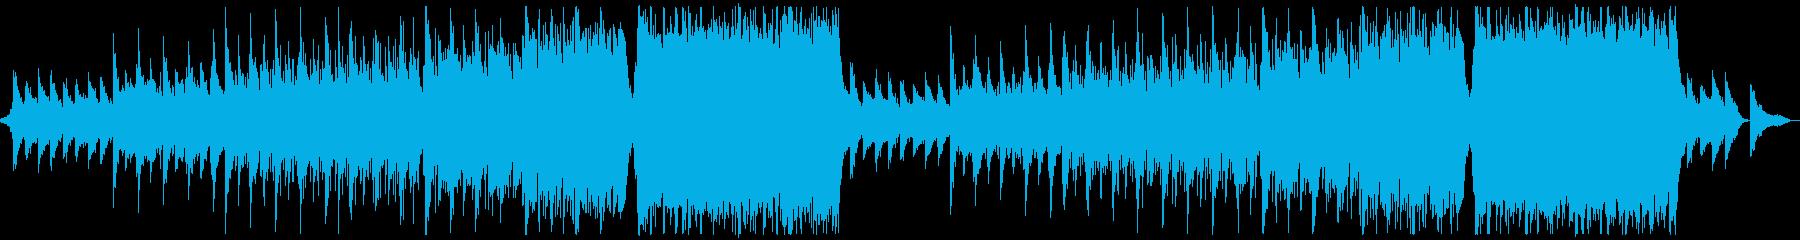 ハリウッド風ダークエナジーx2回の再生済みの波形